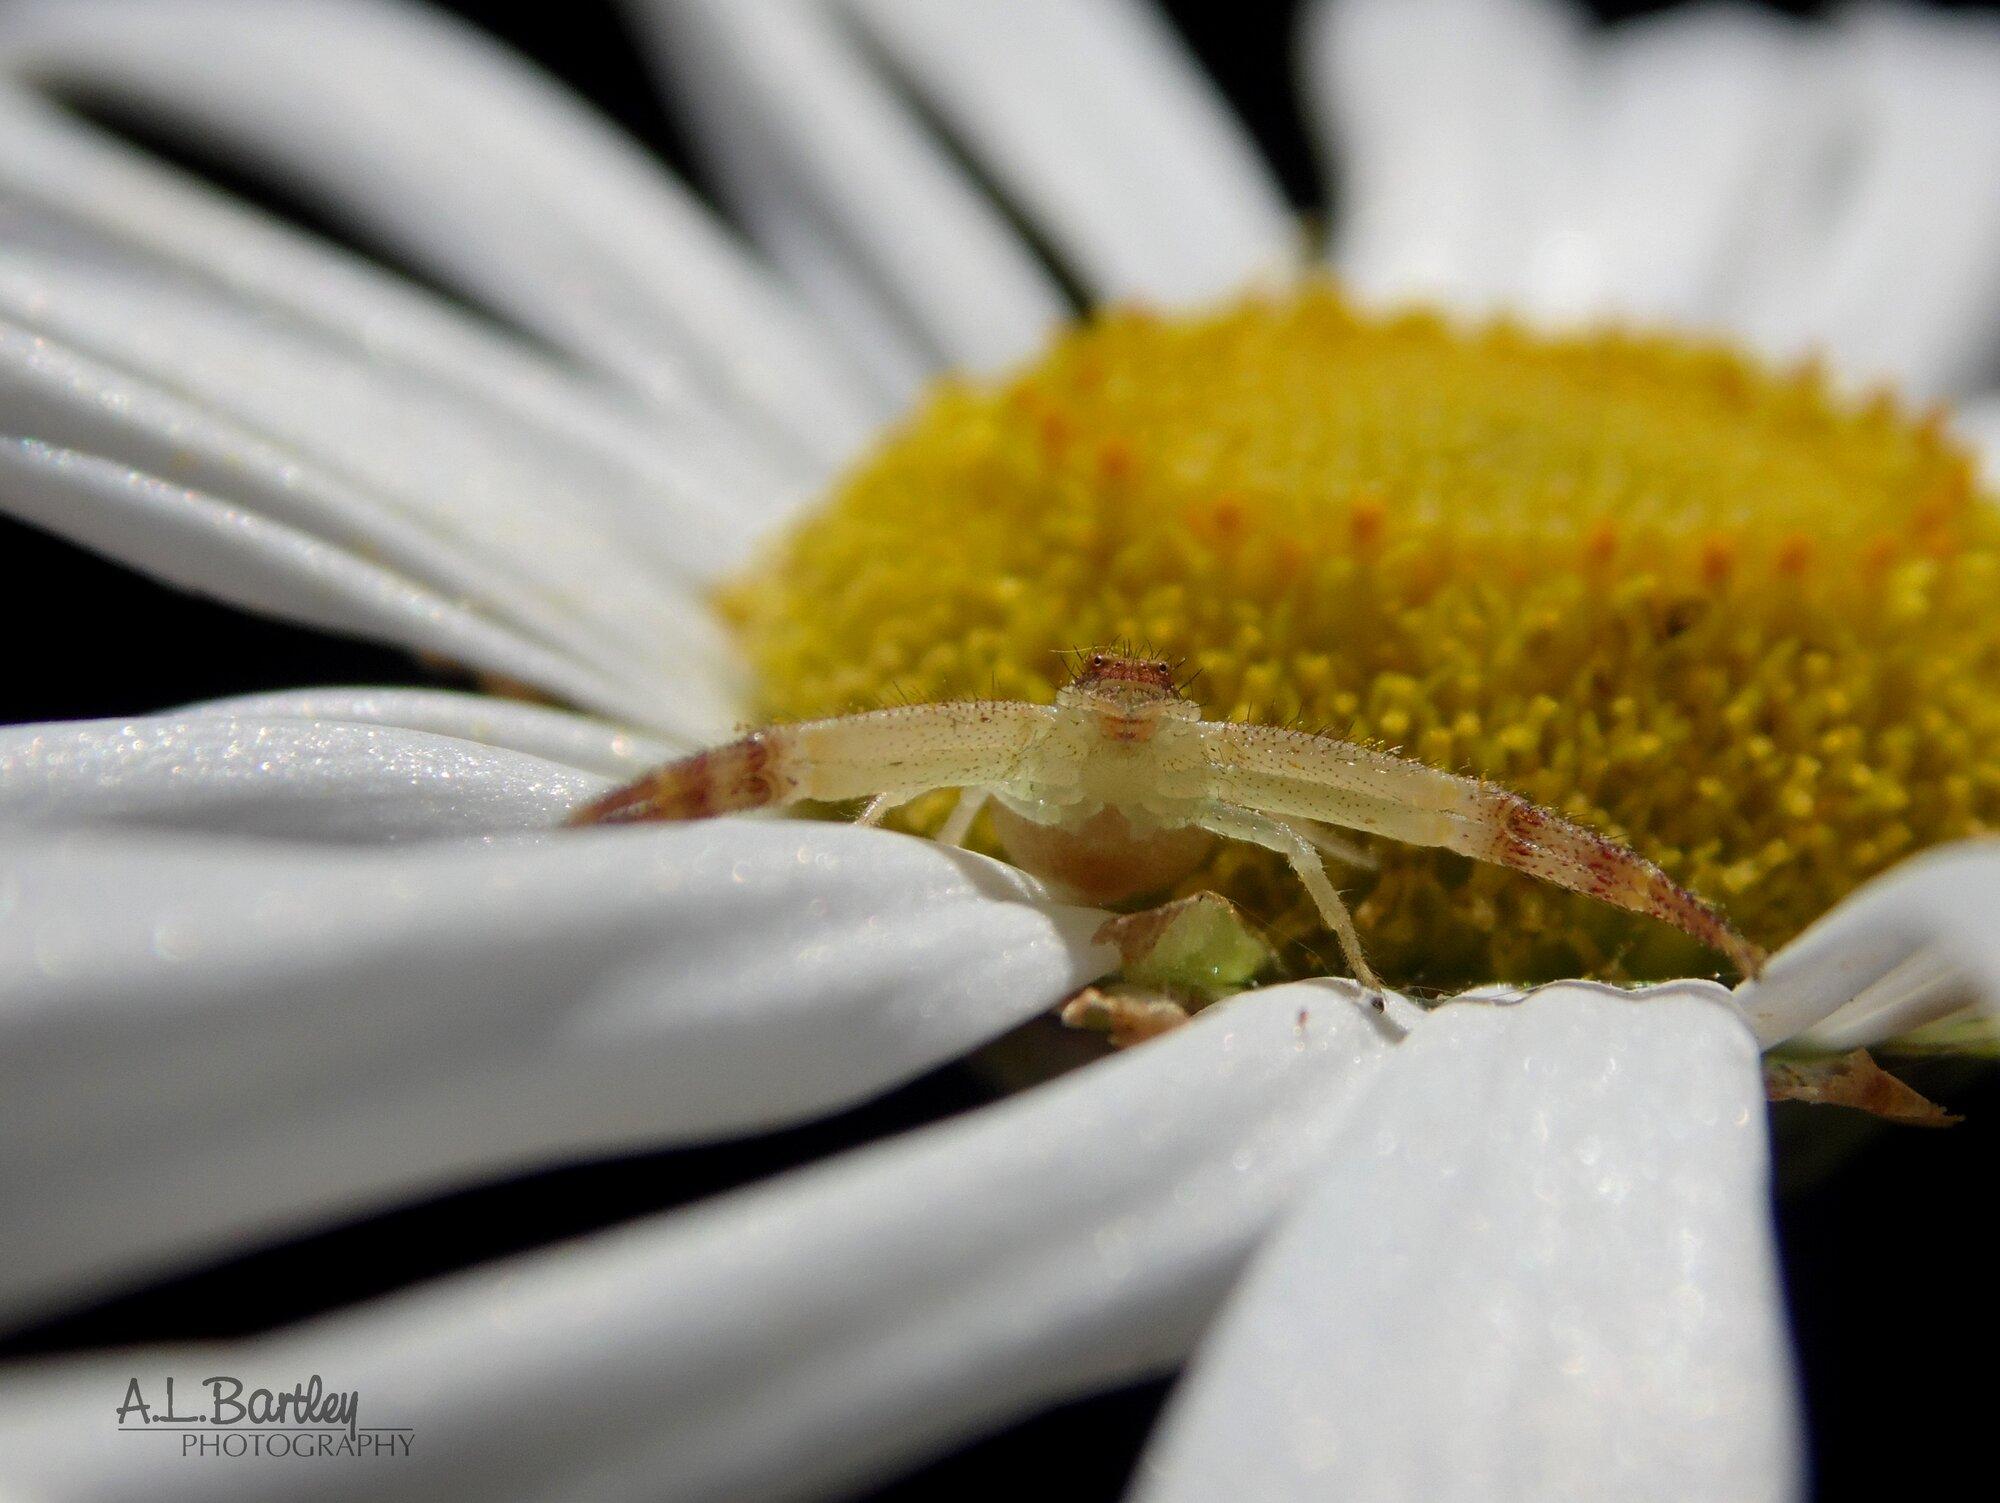 Northern Crab Spider - Female 02.jpg